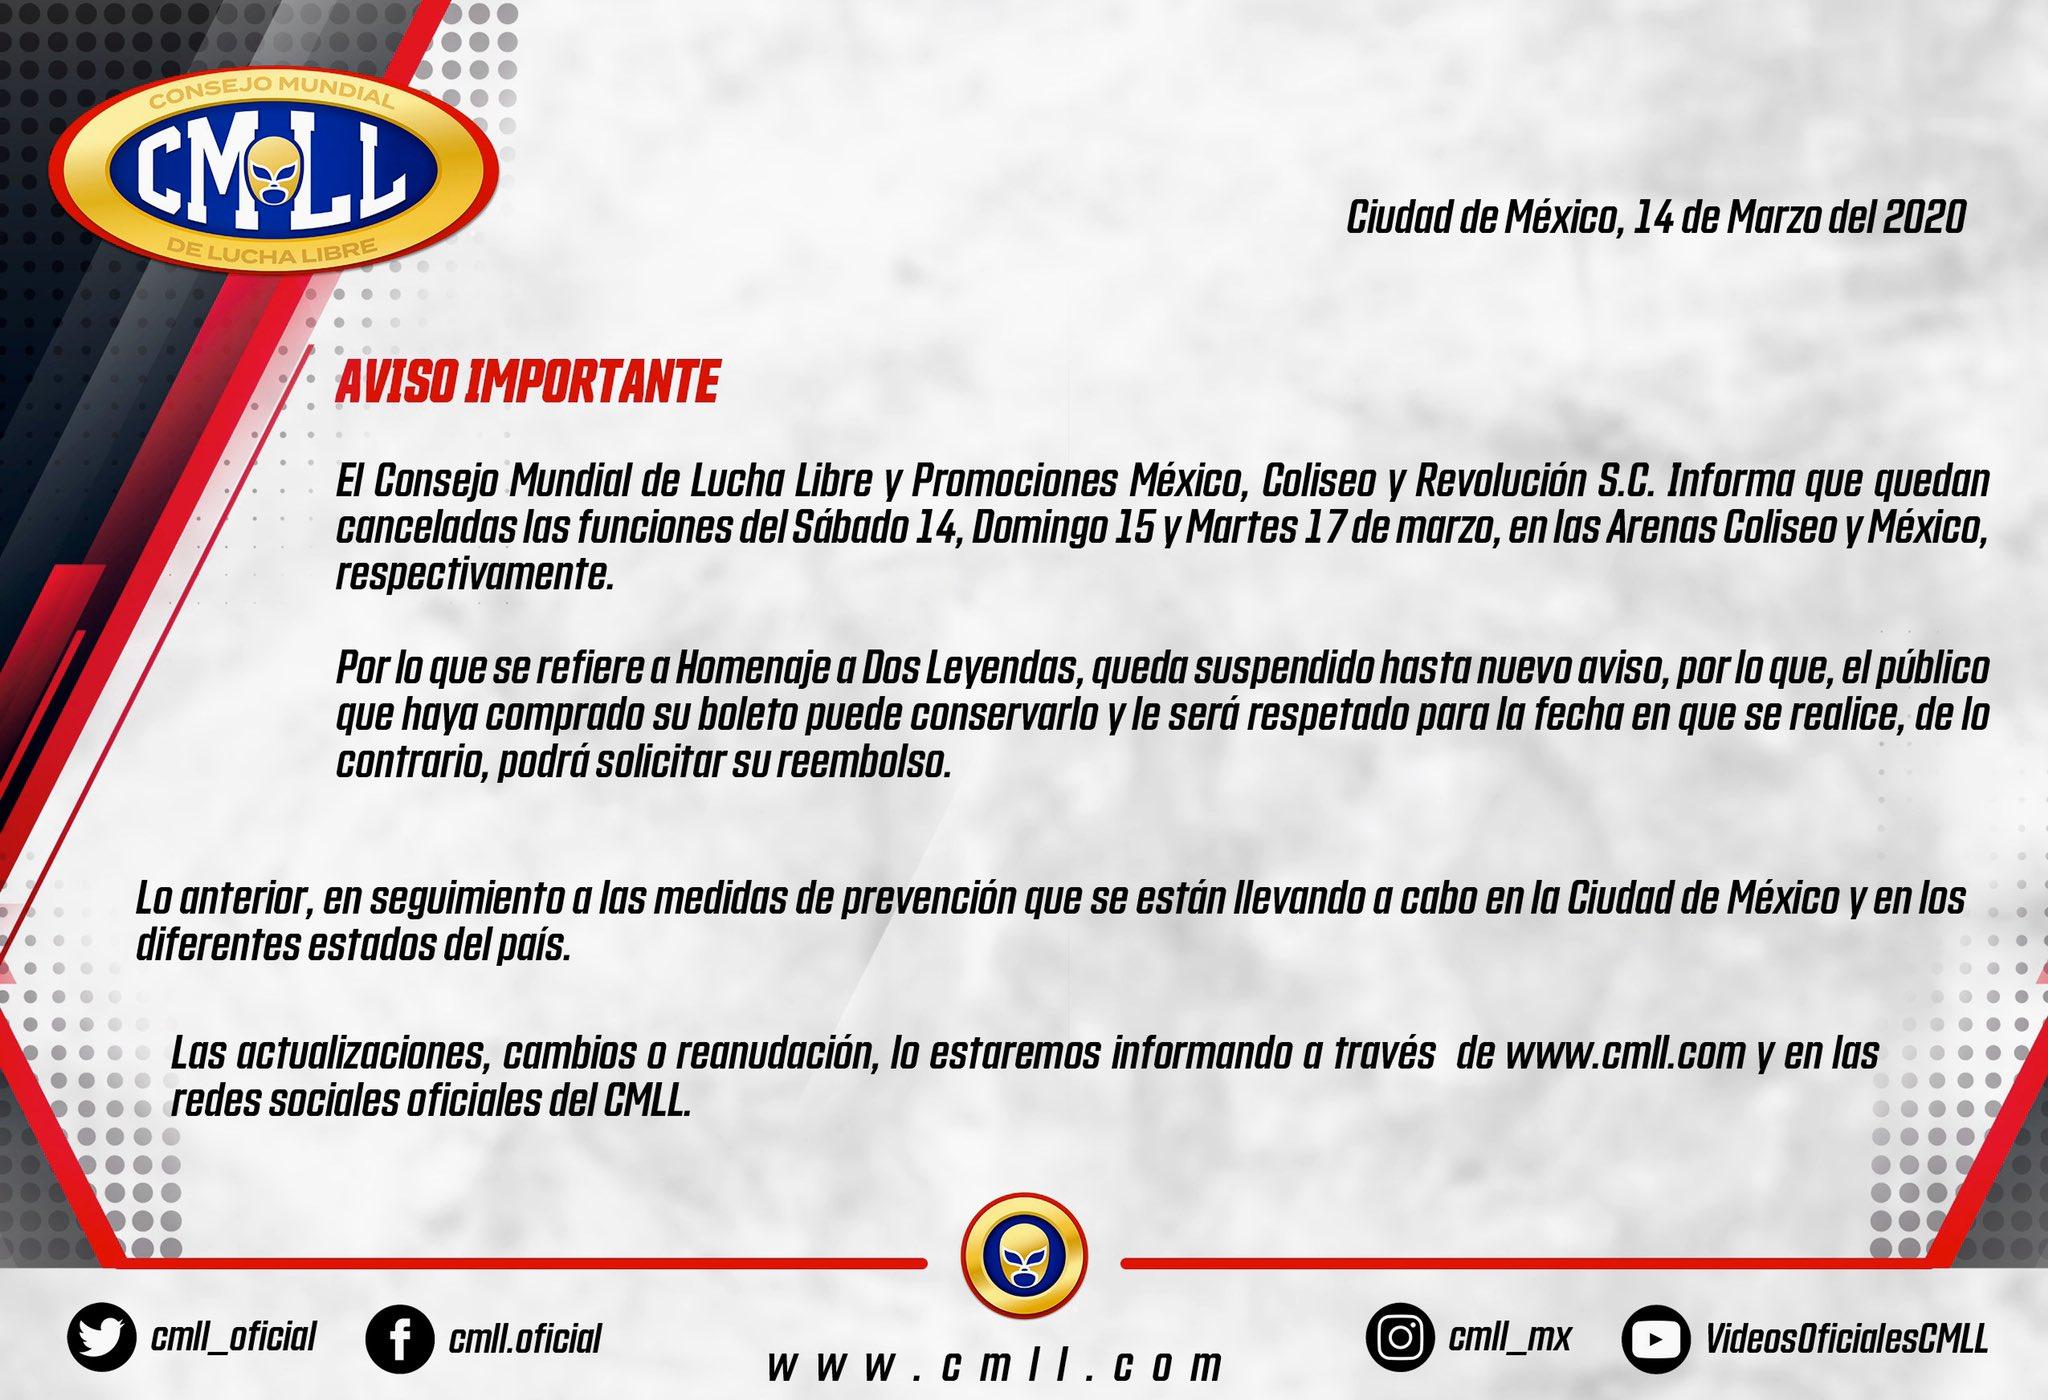 """CMLL: """"Homenaje a Dos Leyendas 2020"""" suspendido hasta nuevo aviso 2"""